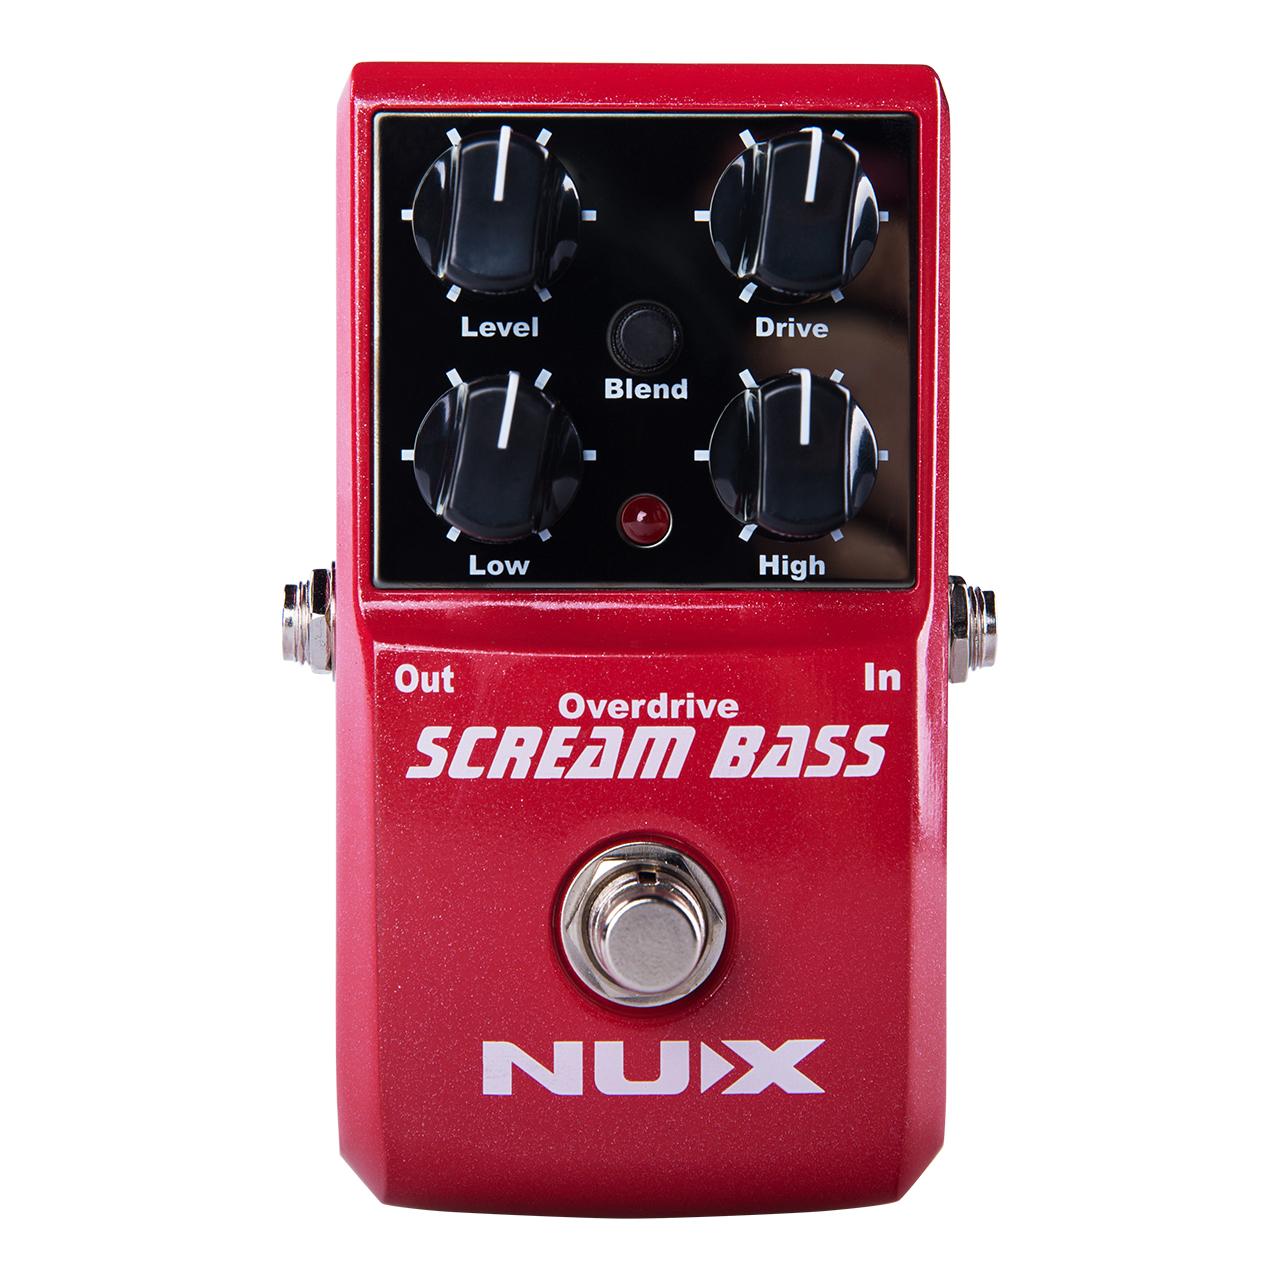 افکت گیتار باس ان یو ایکس مدل Scream Bass